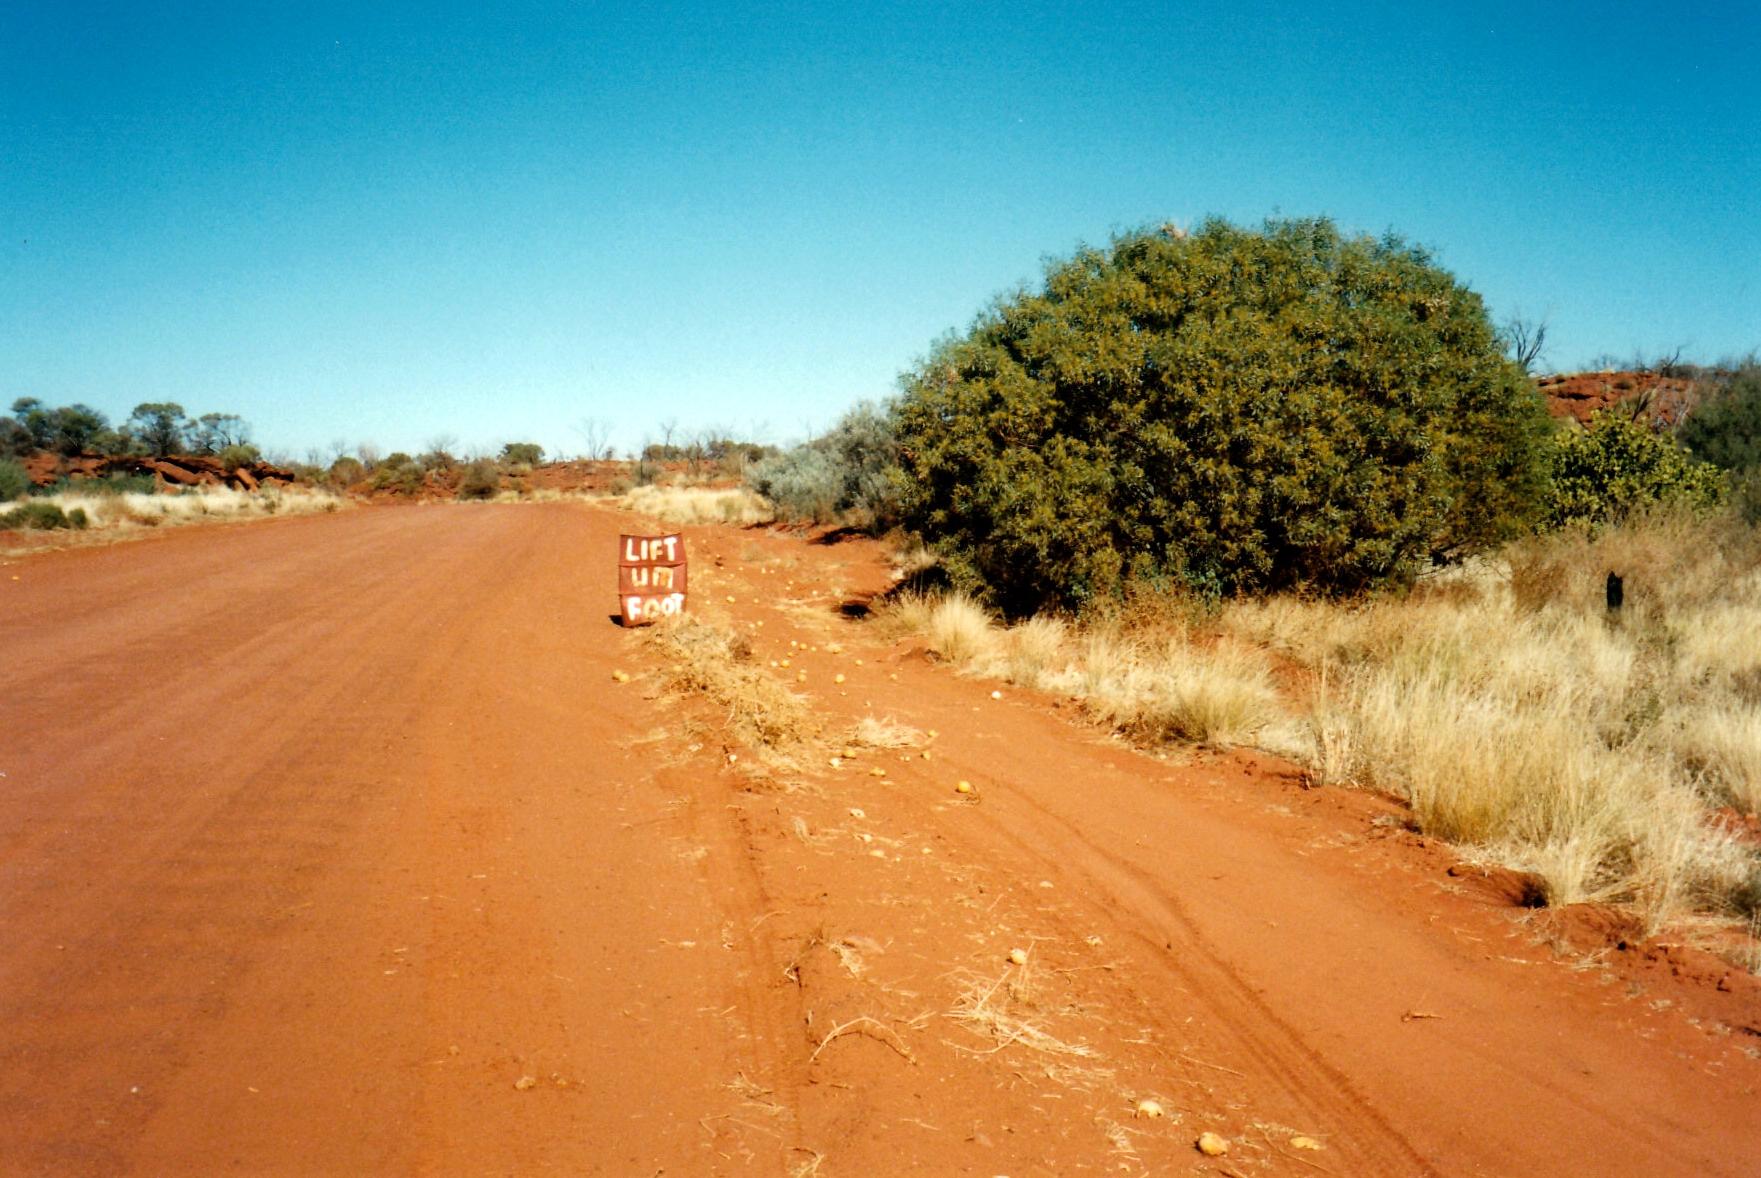 06-16-1999 02 meereenie loop sign